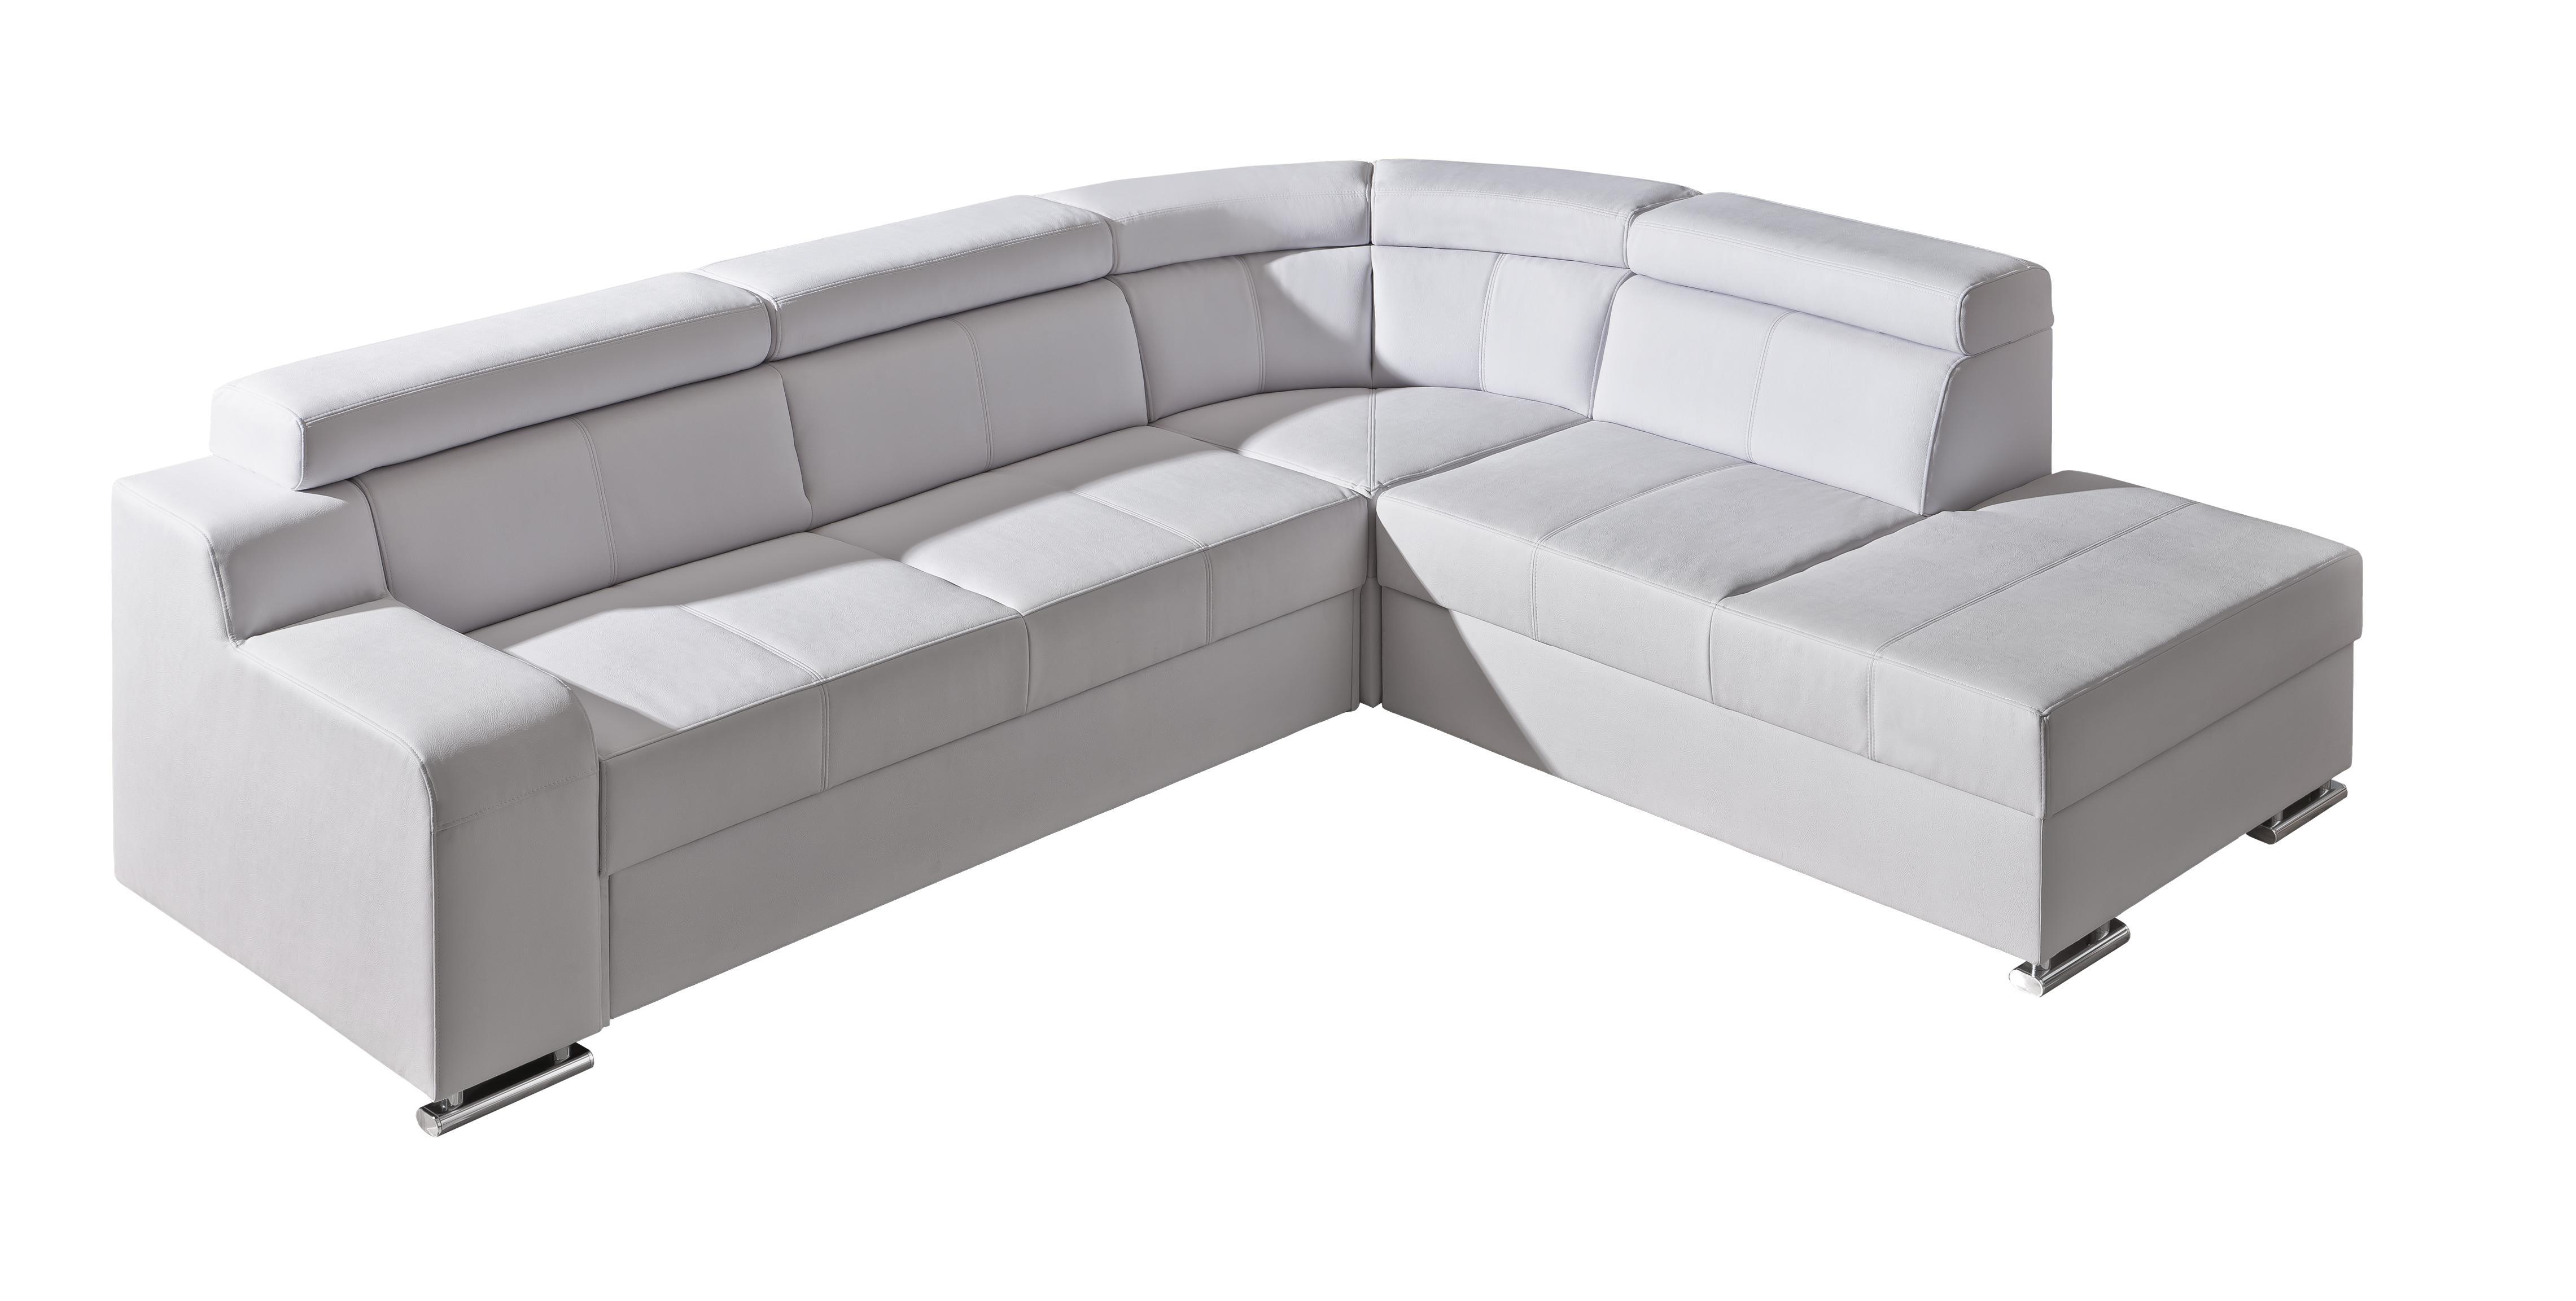 Rohová sedací souprava - Orin 2 (bílá) (P)